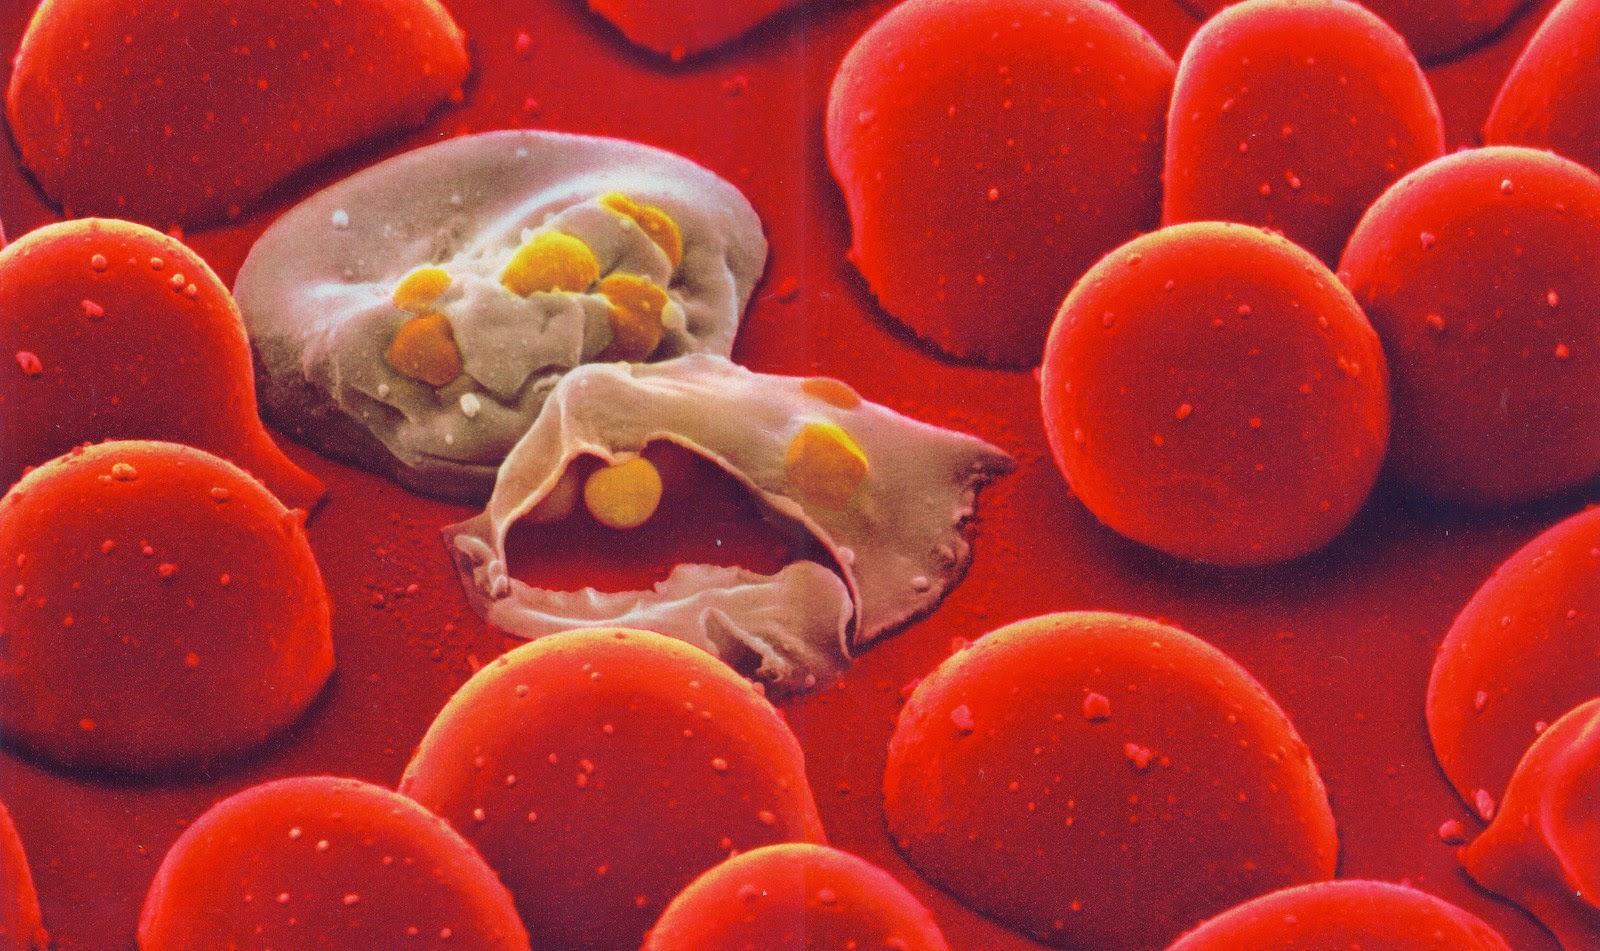 Le analisi confermano i sospetti: 4 immigrati sono malati di malaria